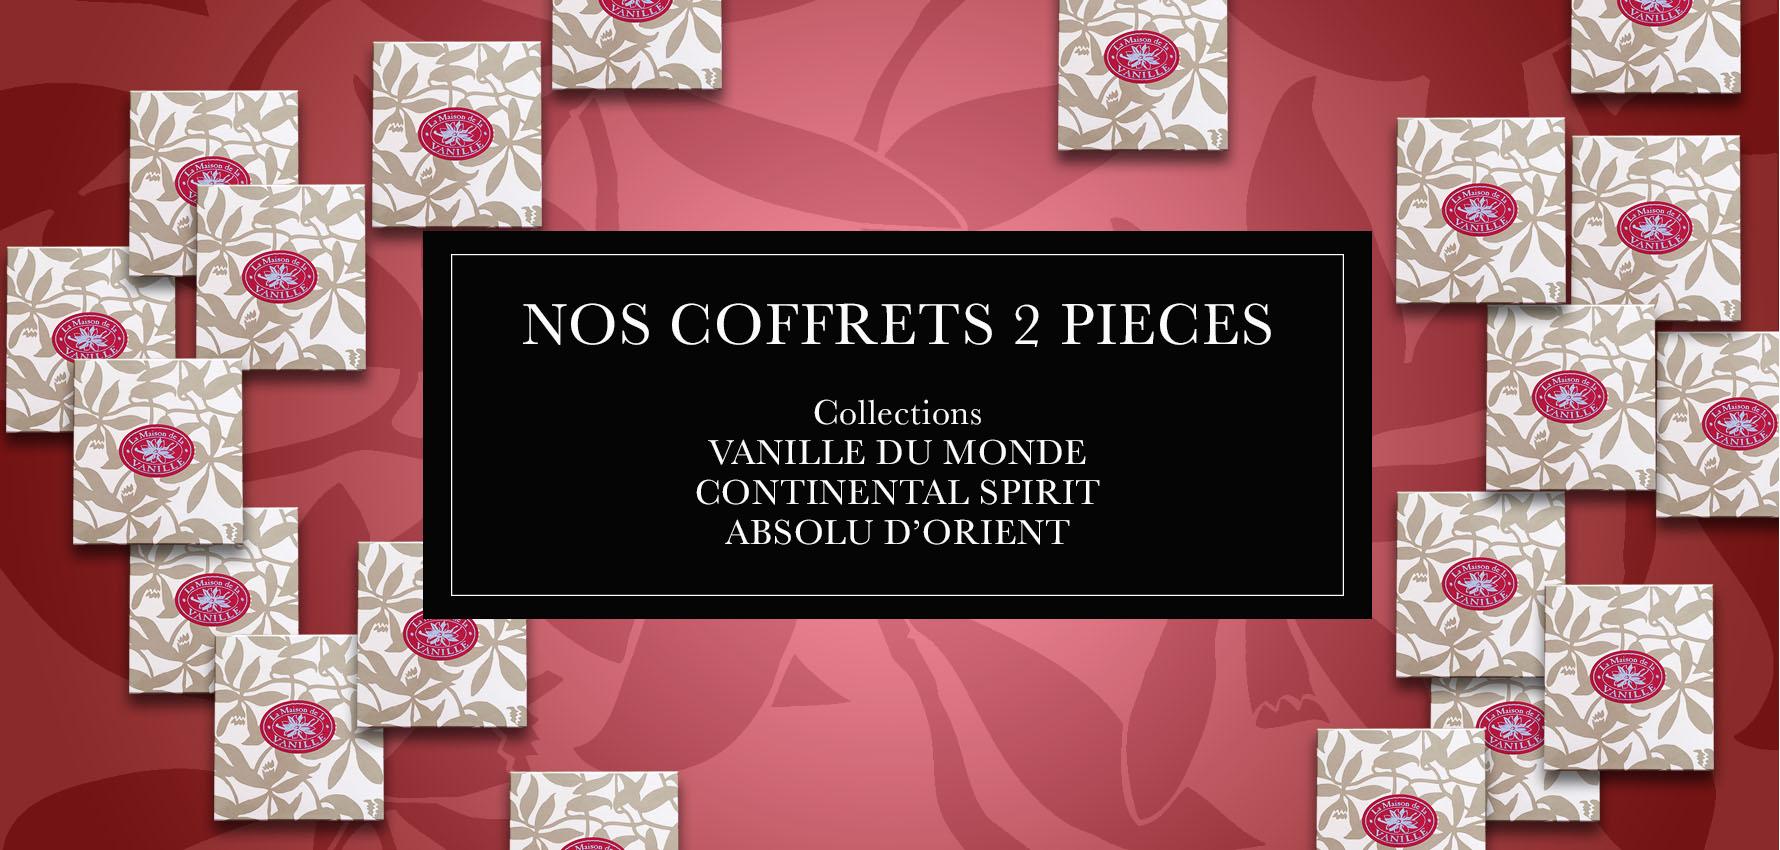 Coffrets 2 pièces Eau de Parfum + Lait corporel